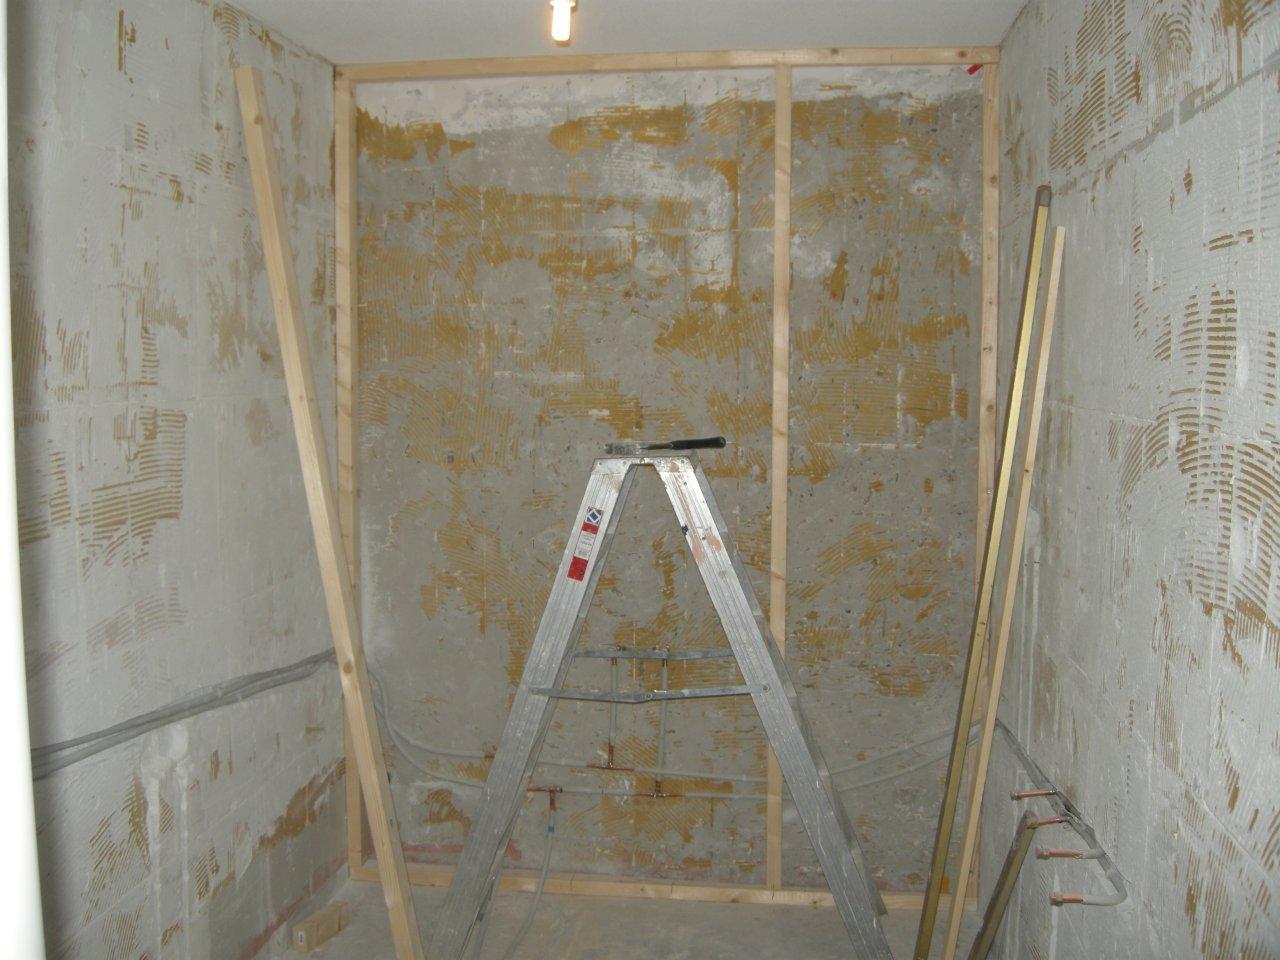 wat kost een nieuwe badkamer: sydati badkamer zolder kosten, Badkamer